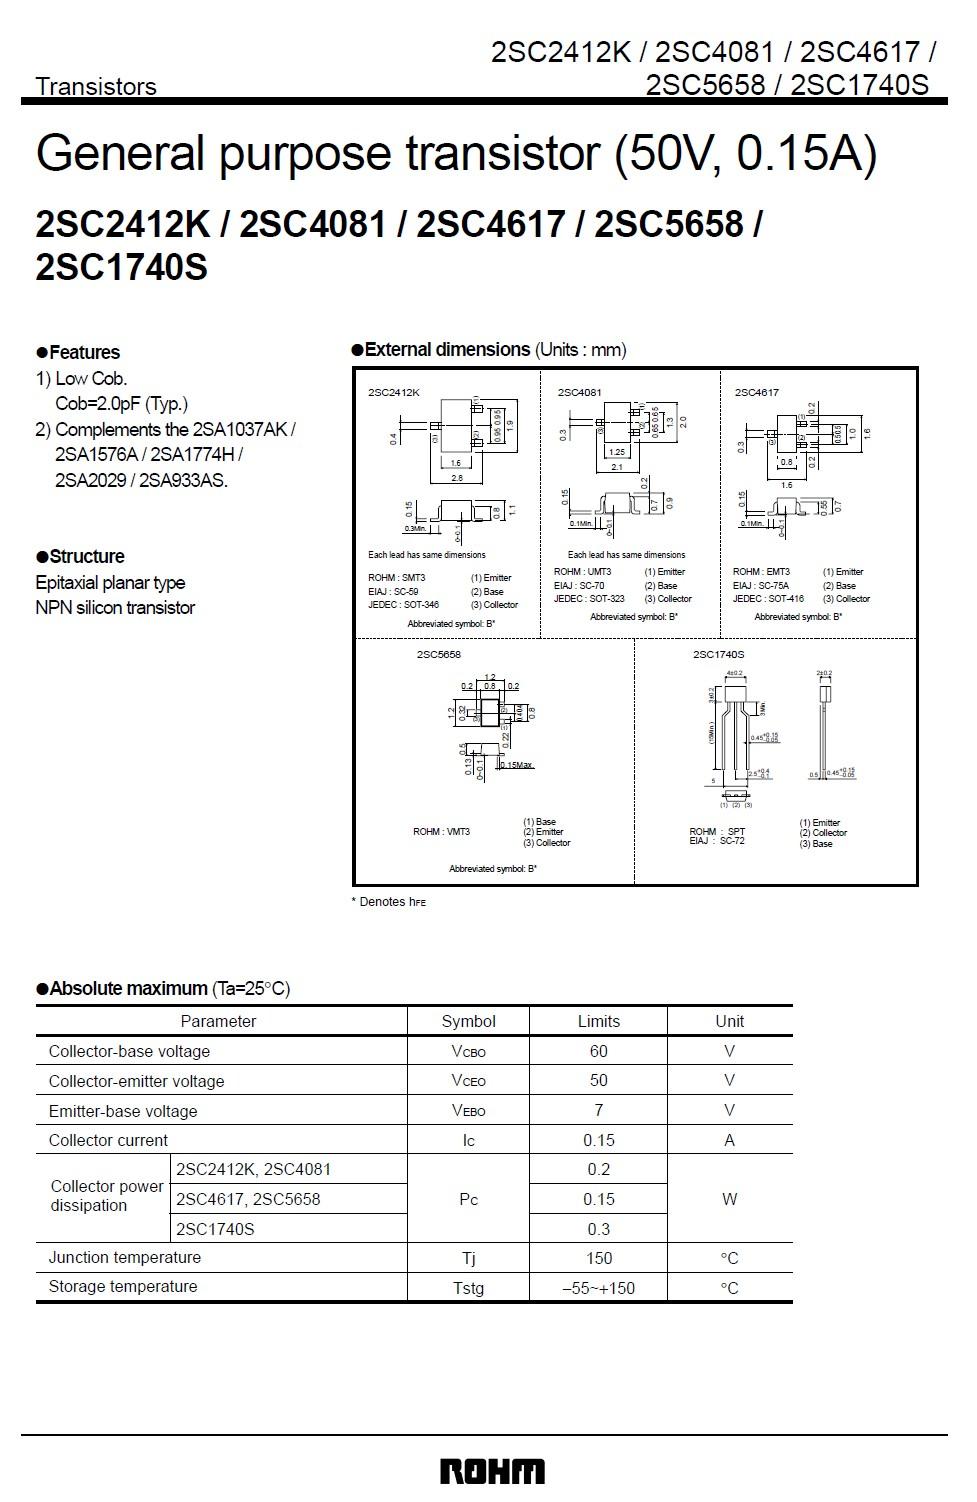 SI-N 60/50V 0.15A 0.3W 180MHz UNI 2SC1740